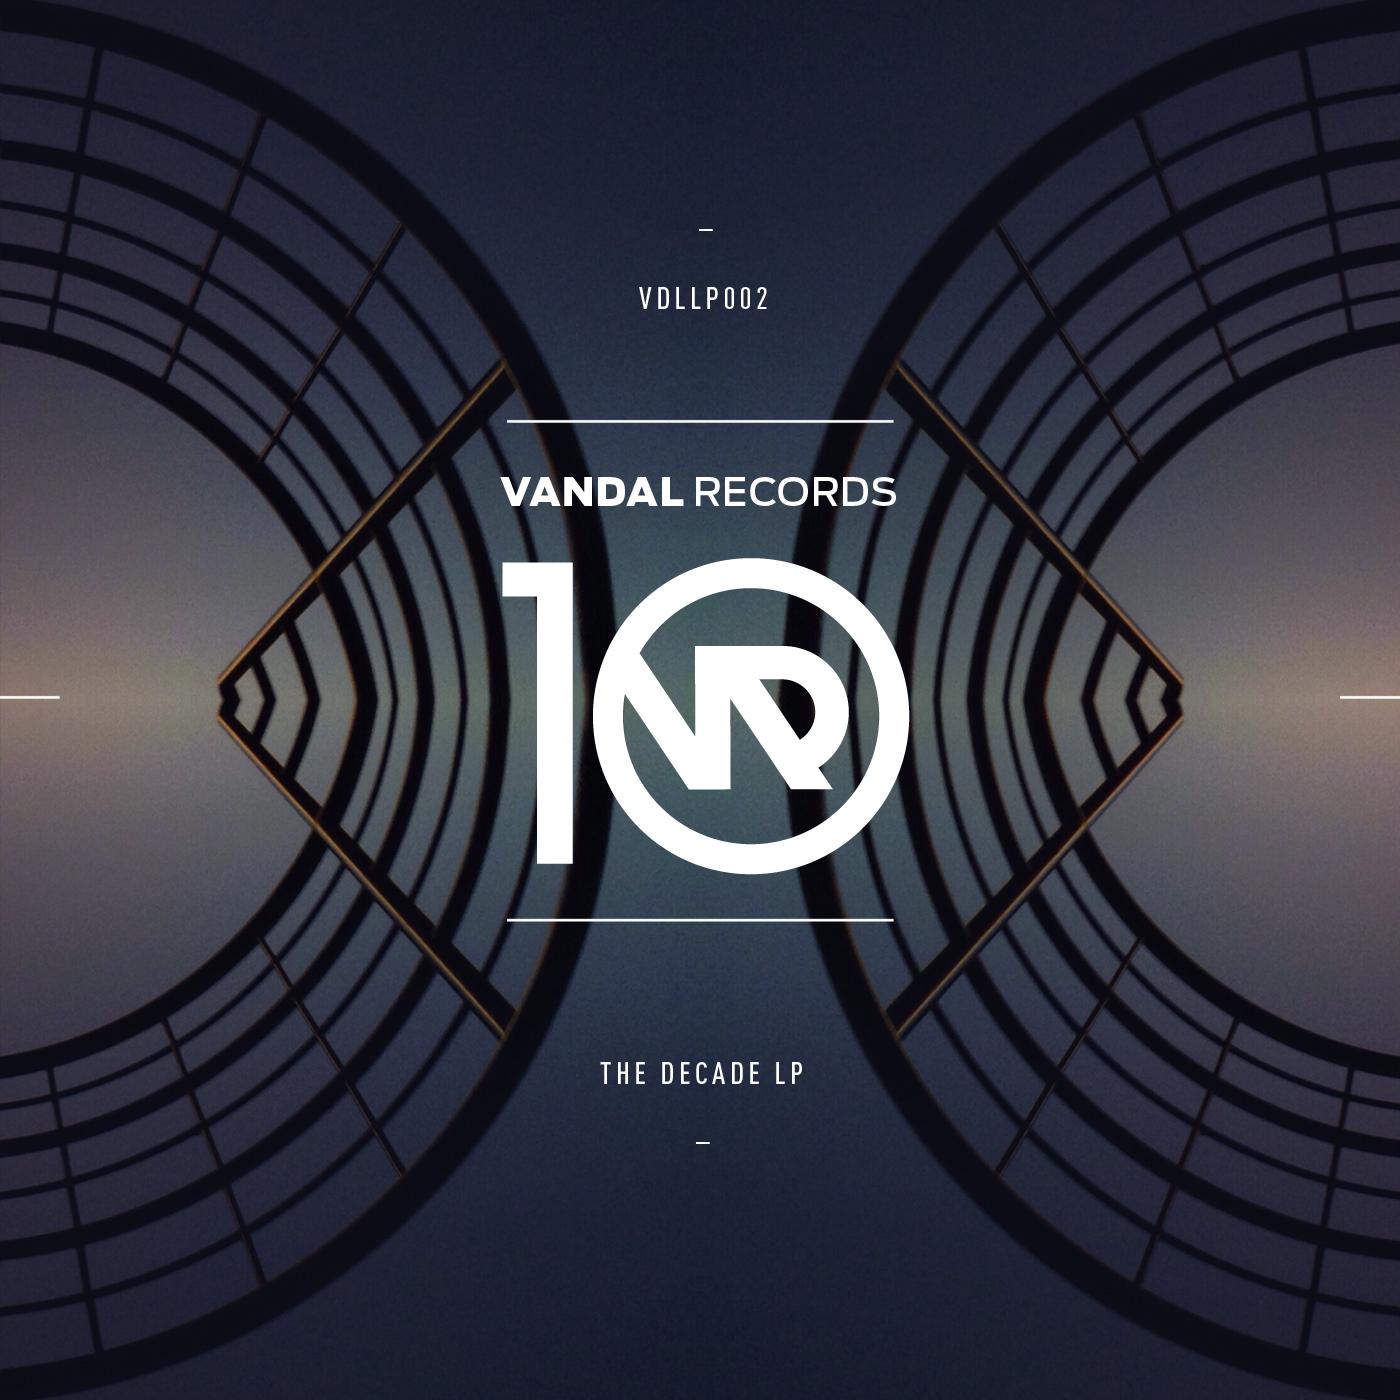 V.A. – The Decade LP (Vandal 002)